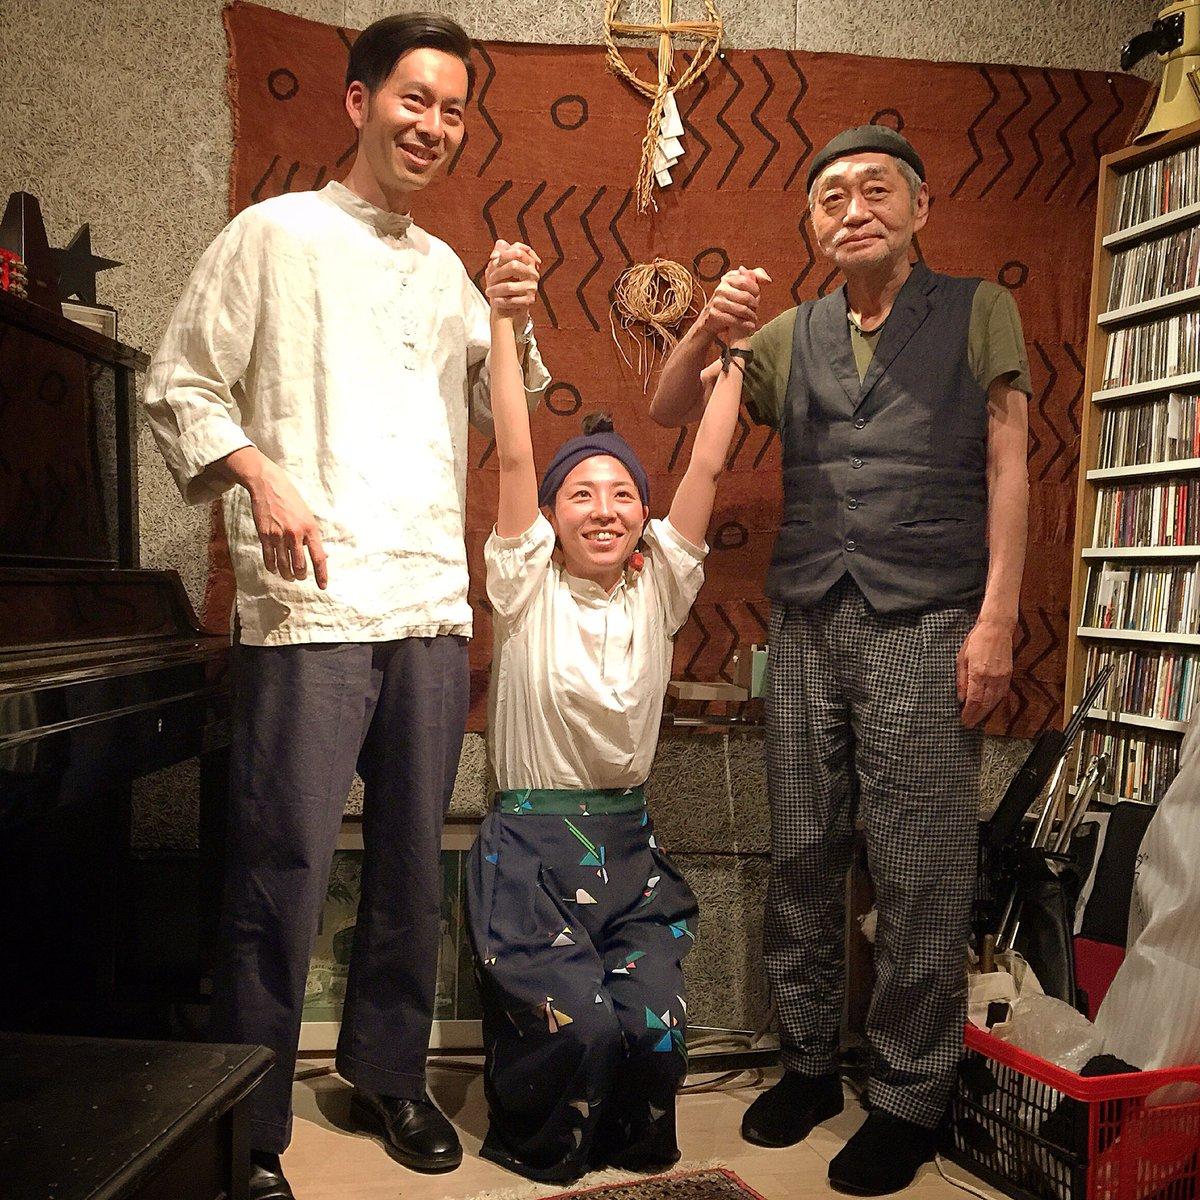 細野晴臣さんのラジオ番組「Daisy Holiday!」(InterFM)にお招きいただきました。6/8発売「FOLK」のタイトルは、実は細野さんと関わりが…? 6/12、19の2週に渡って放送予定です。どうぞお楽しみに。 https://t.co/G5GOLUBKyE